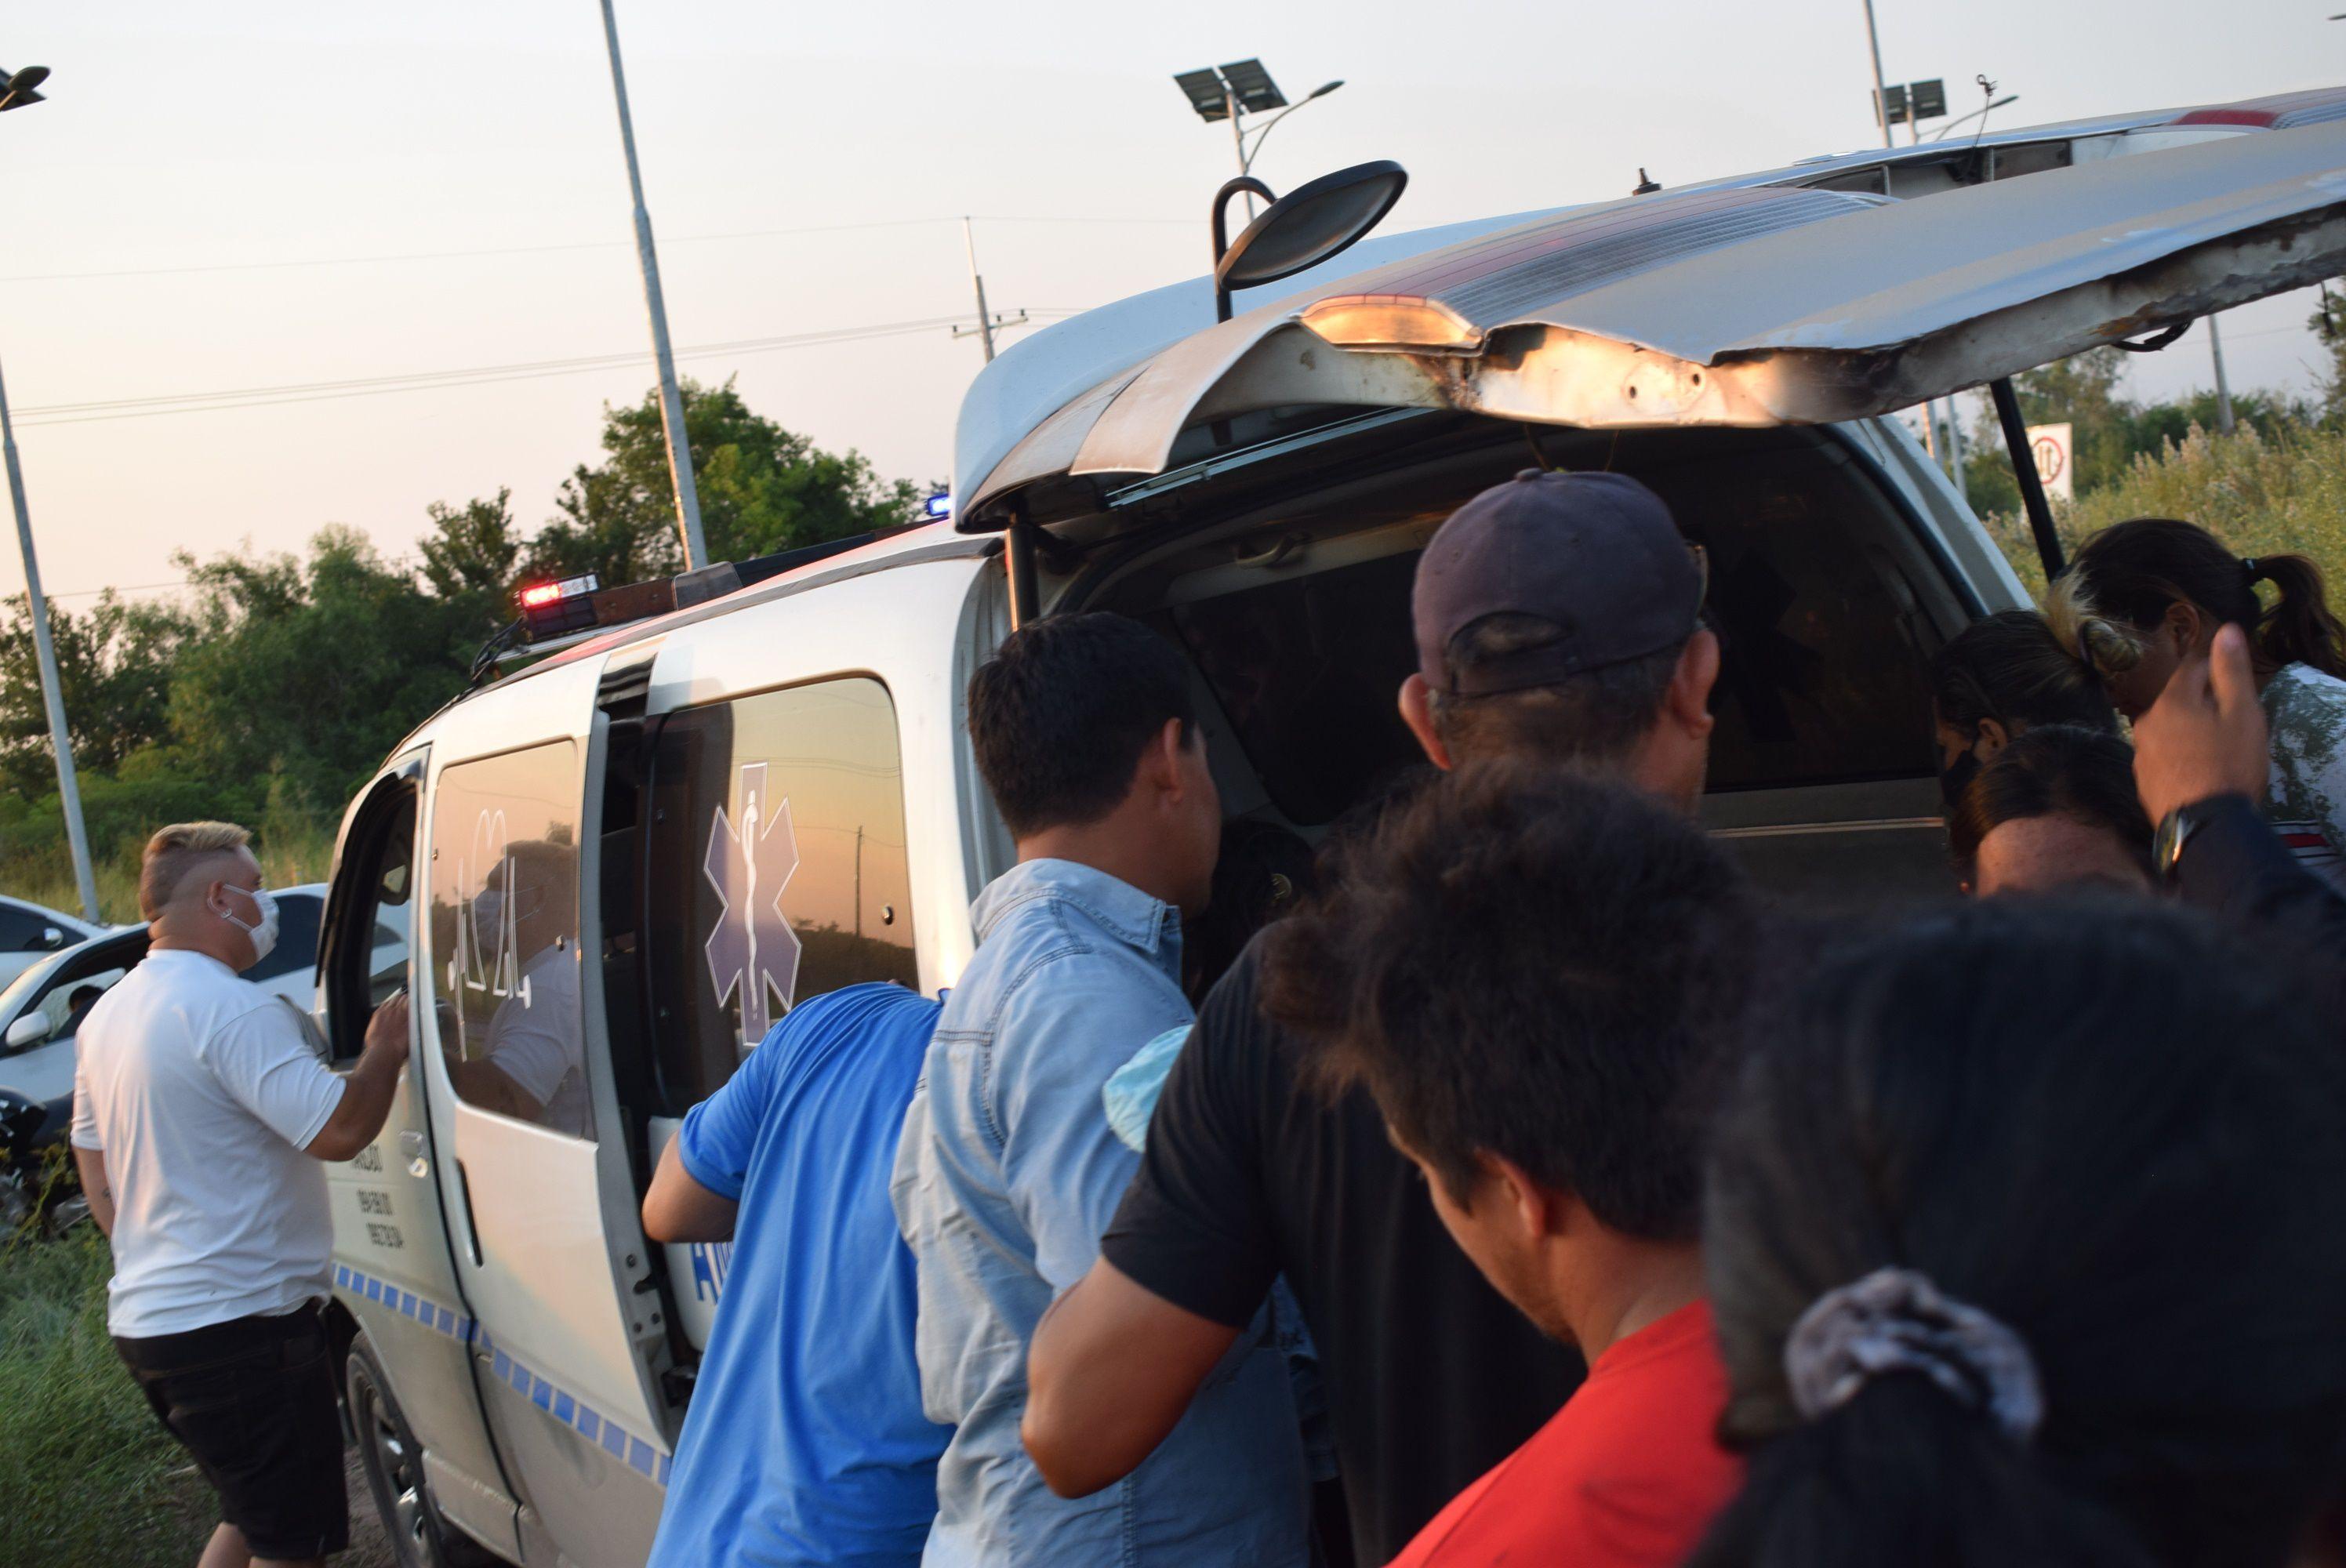 Familiares atajaron la ambulancia para ver el cuerpo sin vida del joven que fue trasladado a la morgue judicial de Asunción